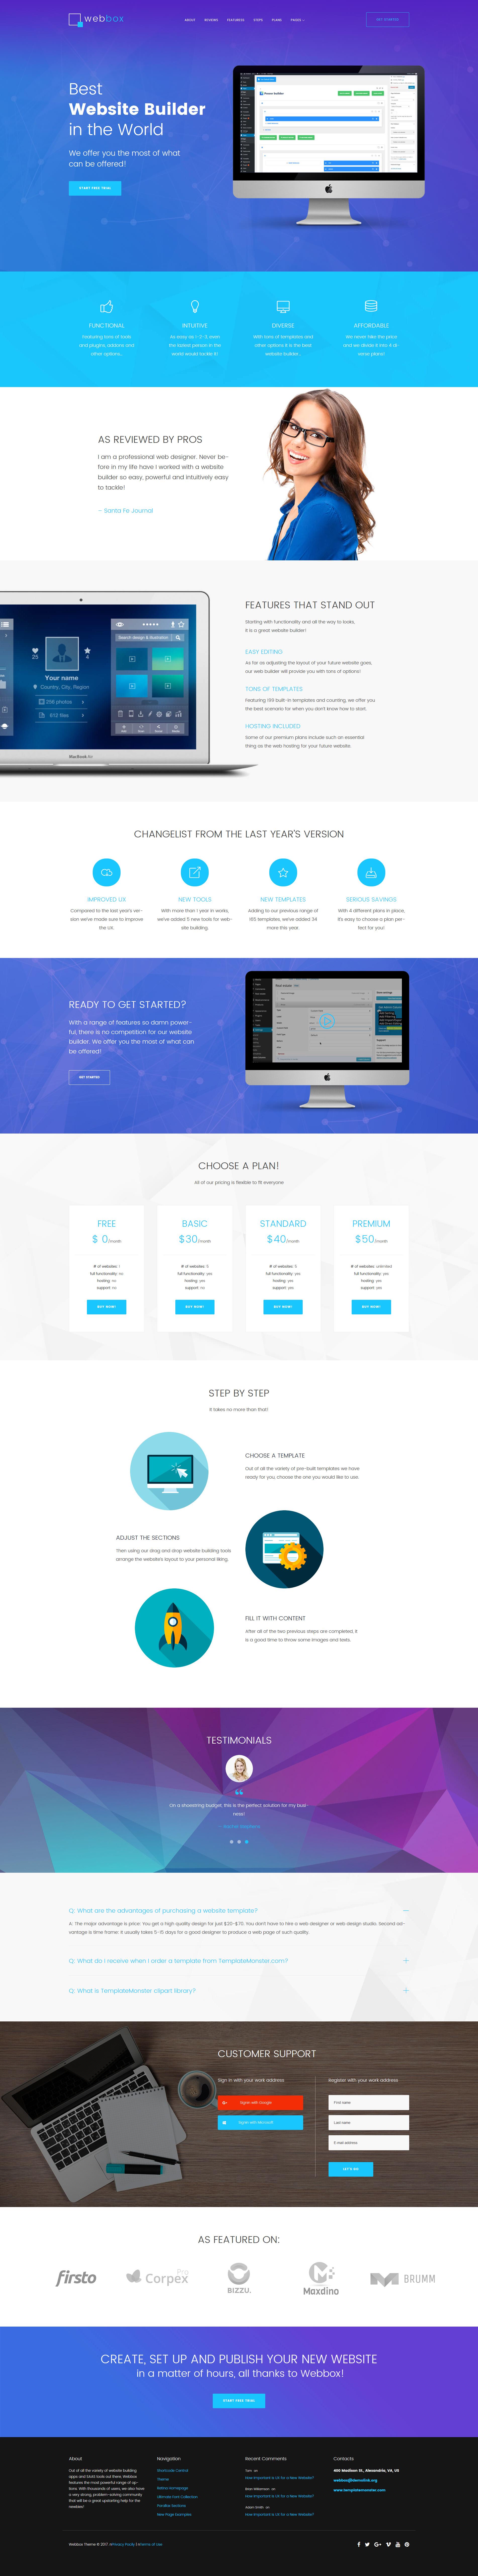 Шаблон Webbox сайта на тему веб-разработка #63548